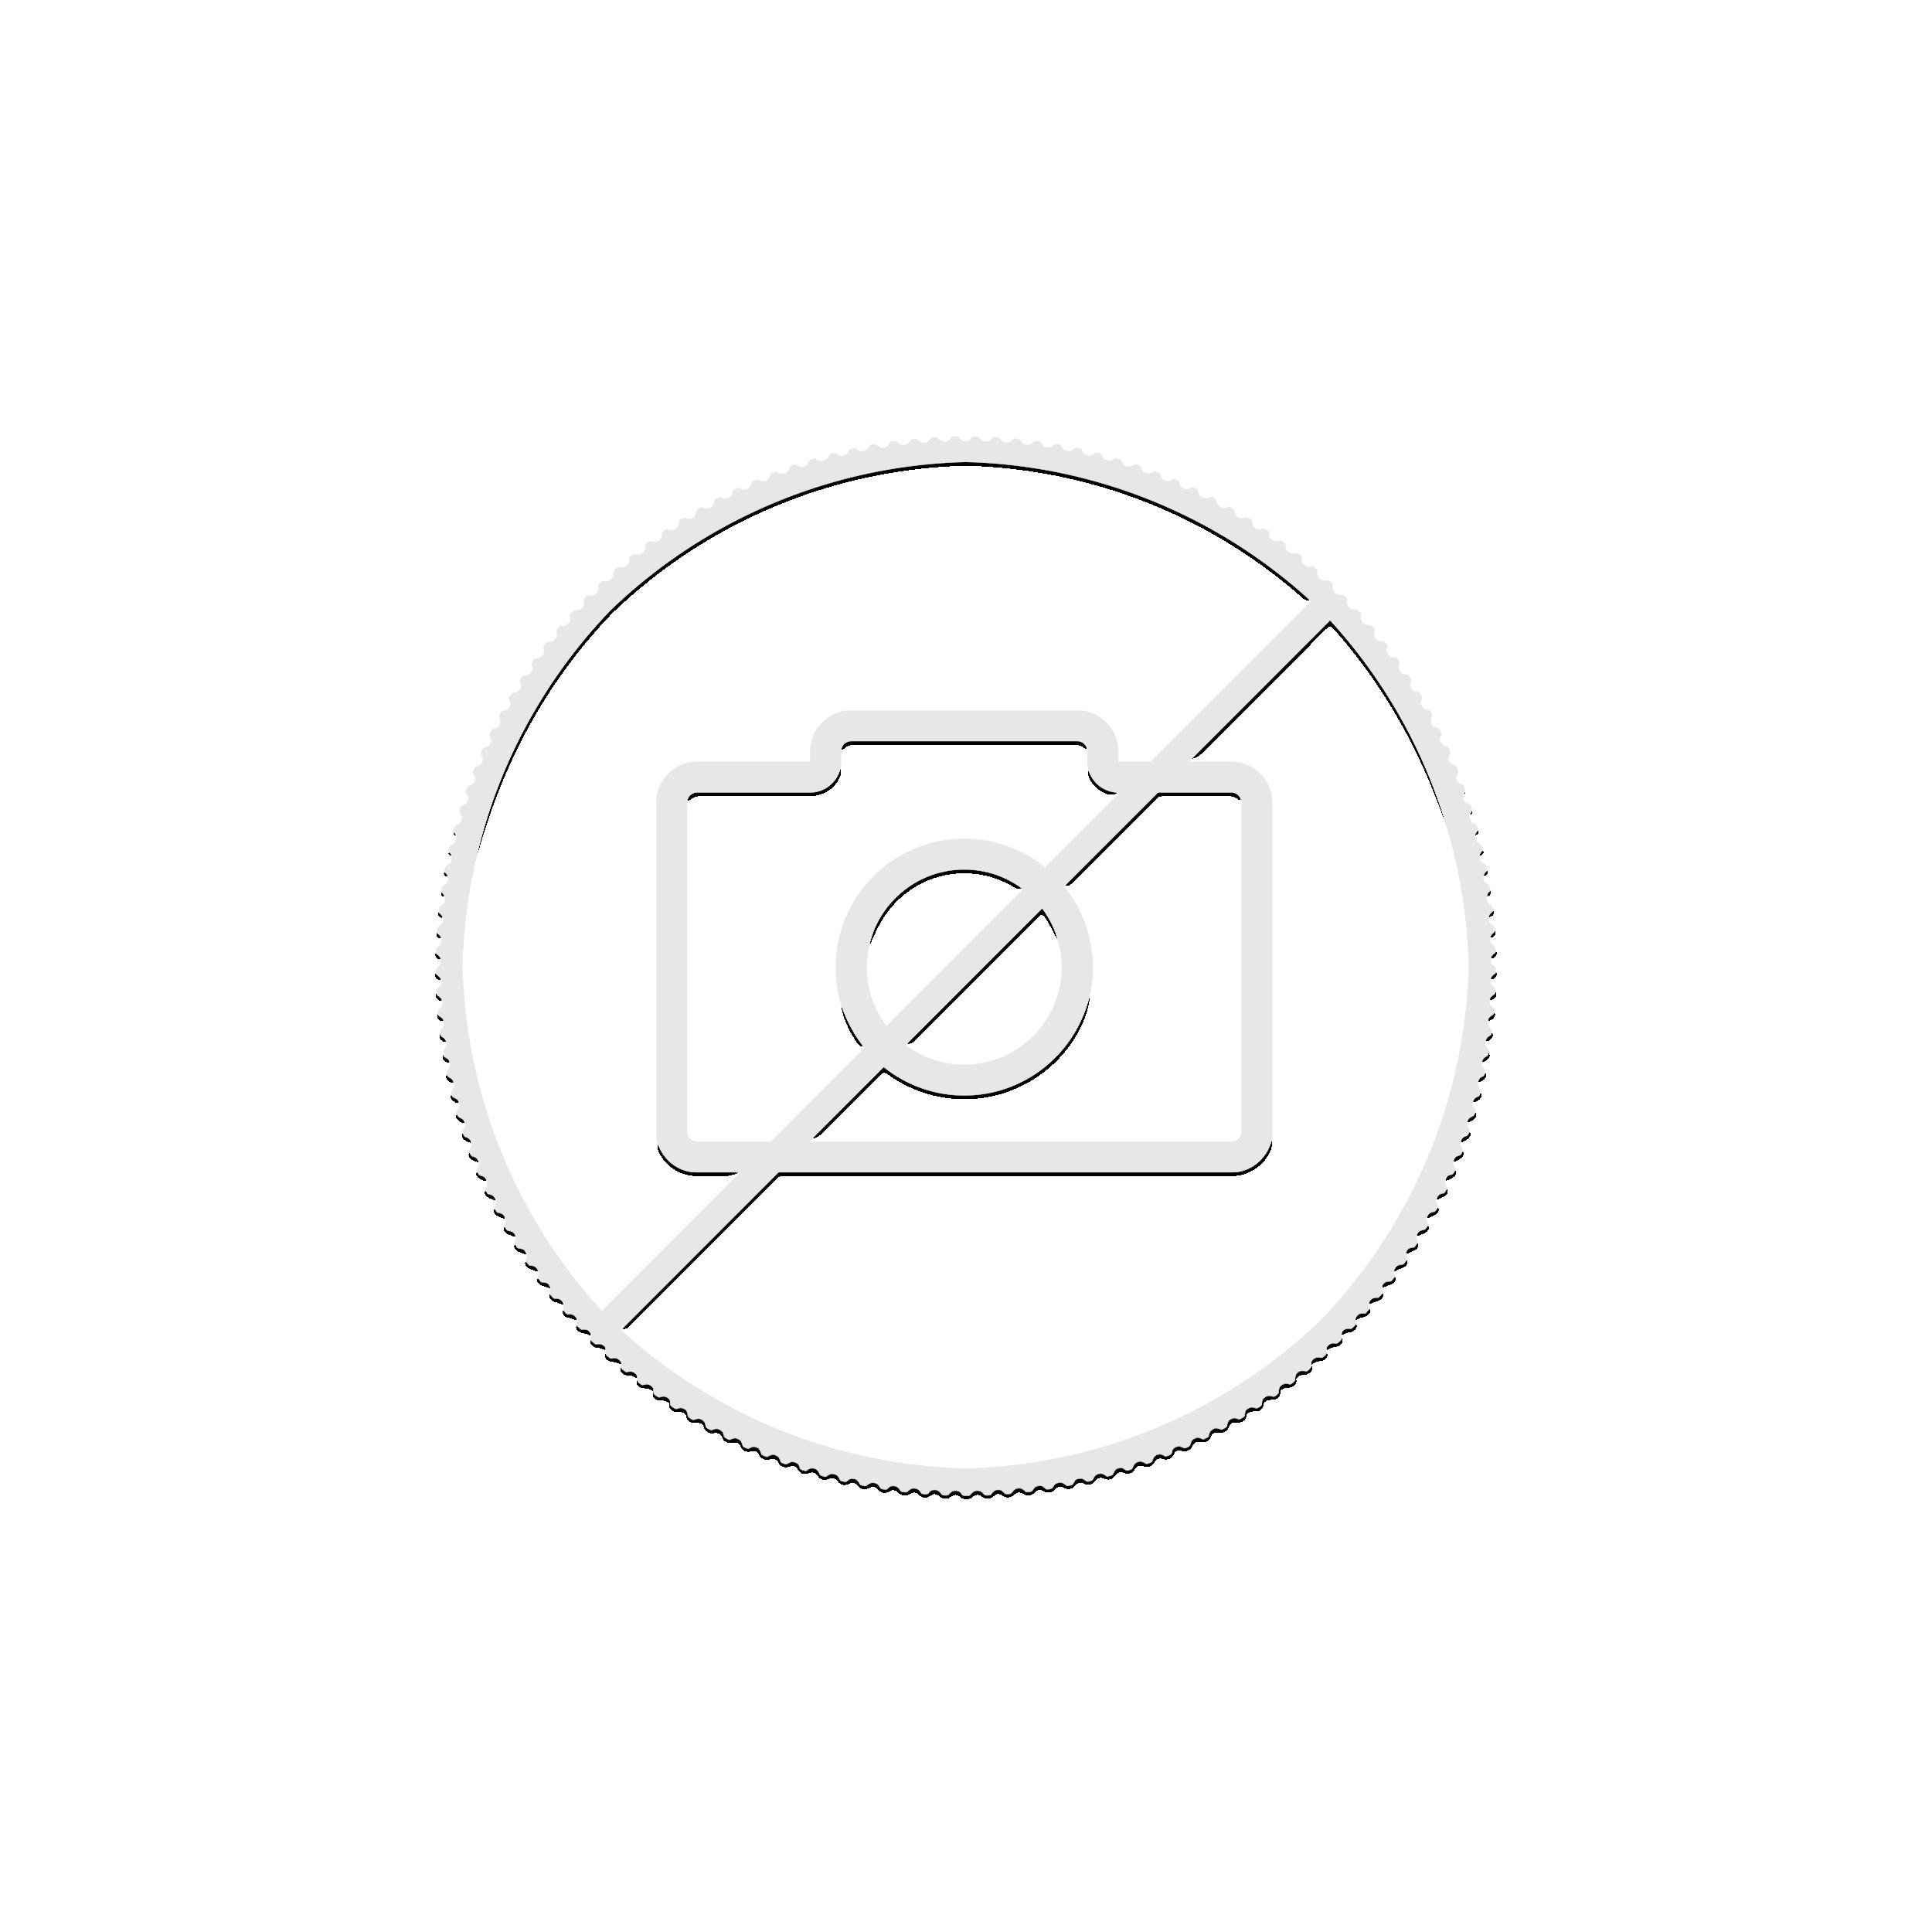 2004 kilo kookaburra